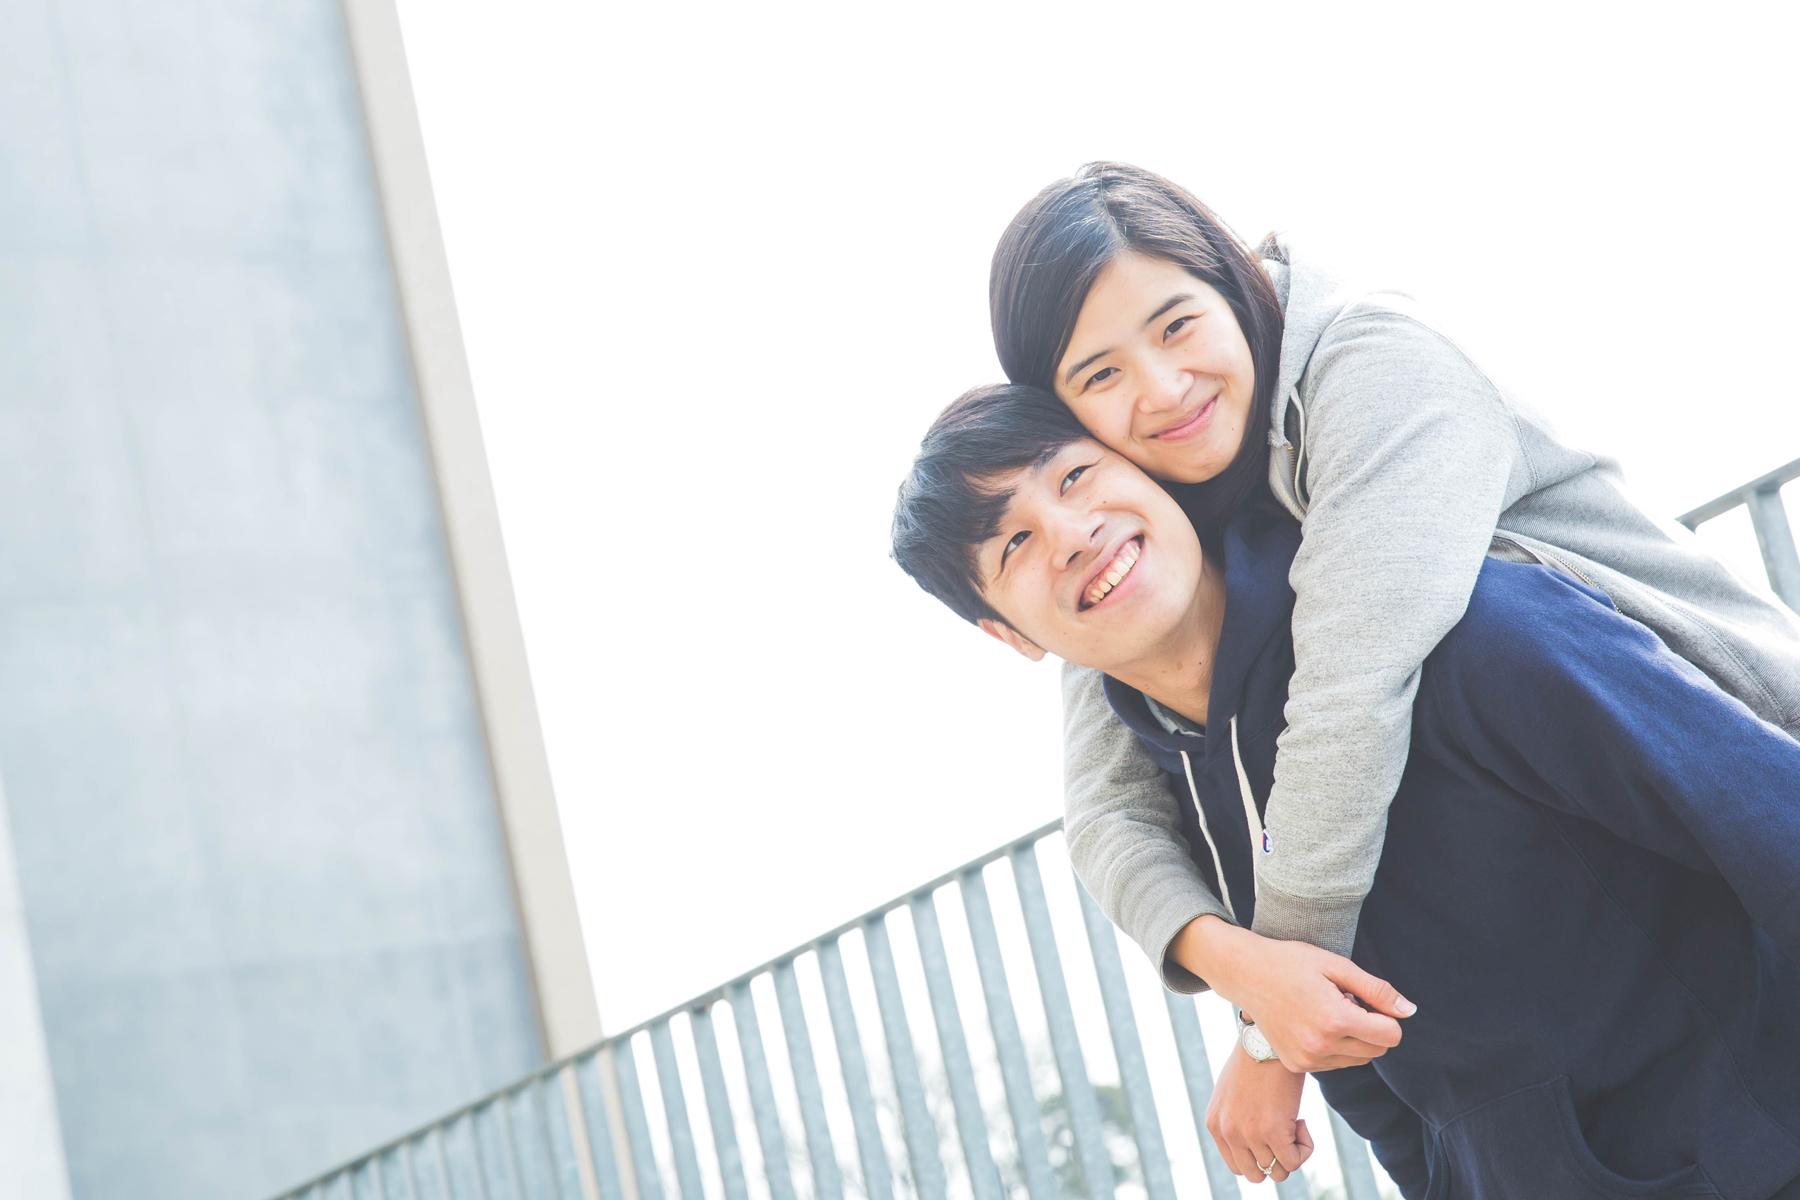 滋賀県草津市の立命館大学でエンゲージメントフォトをフリーカメラマンが撮影